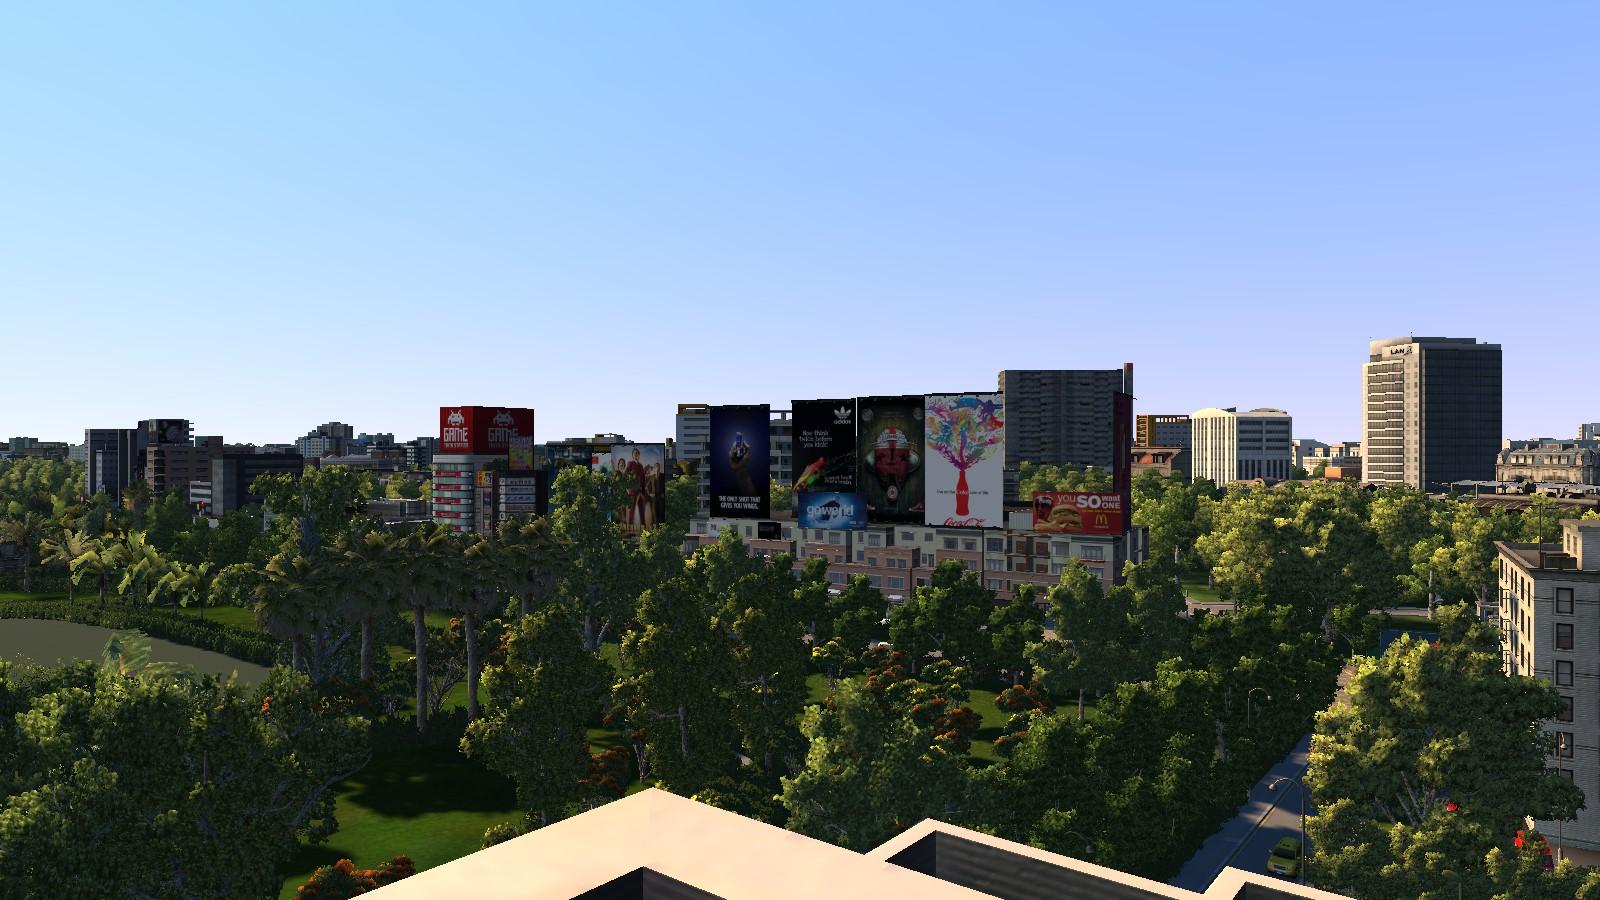 gamescreen0587.jpg